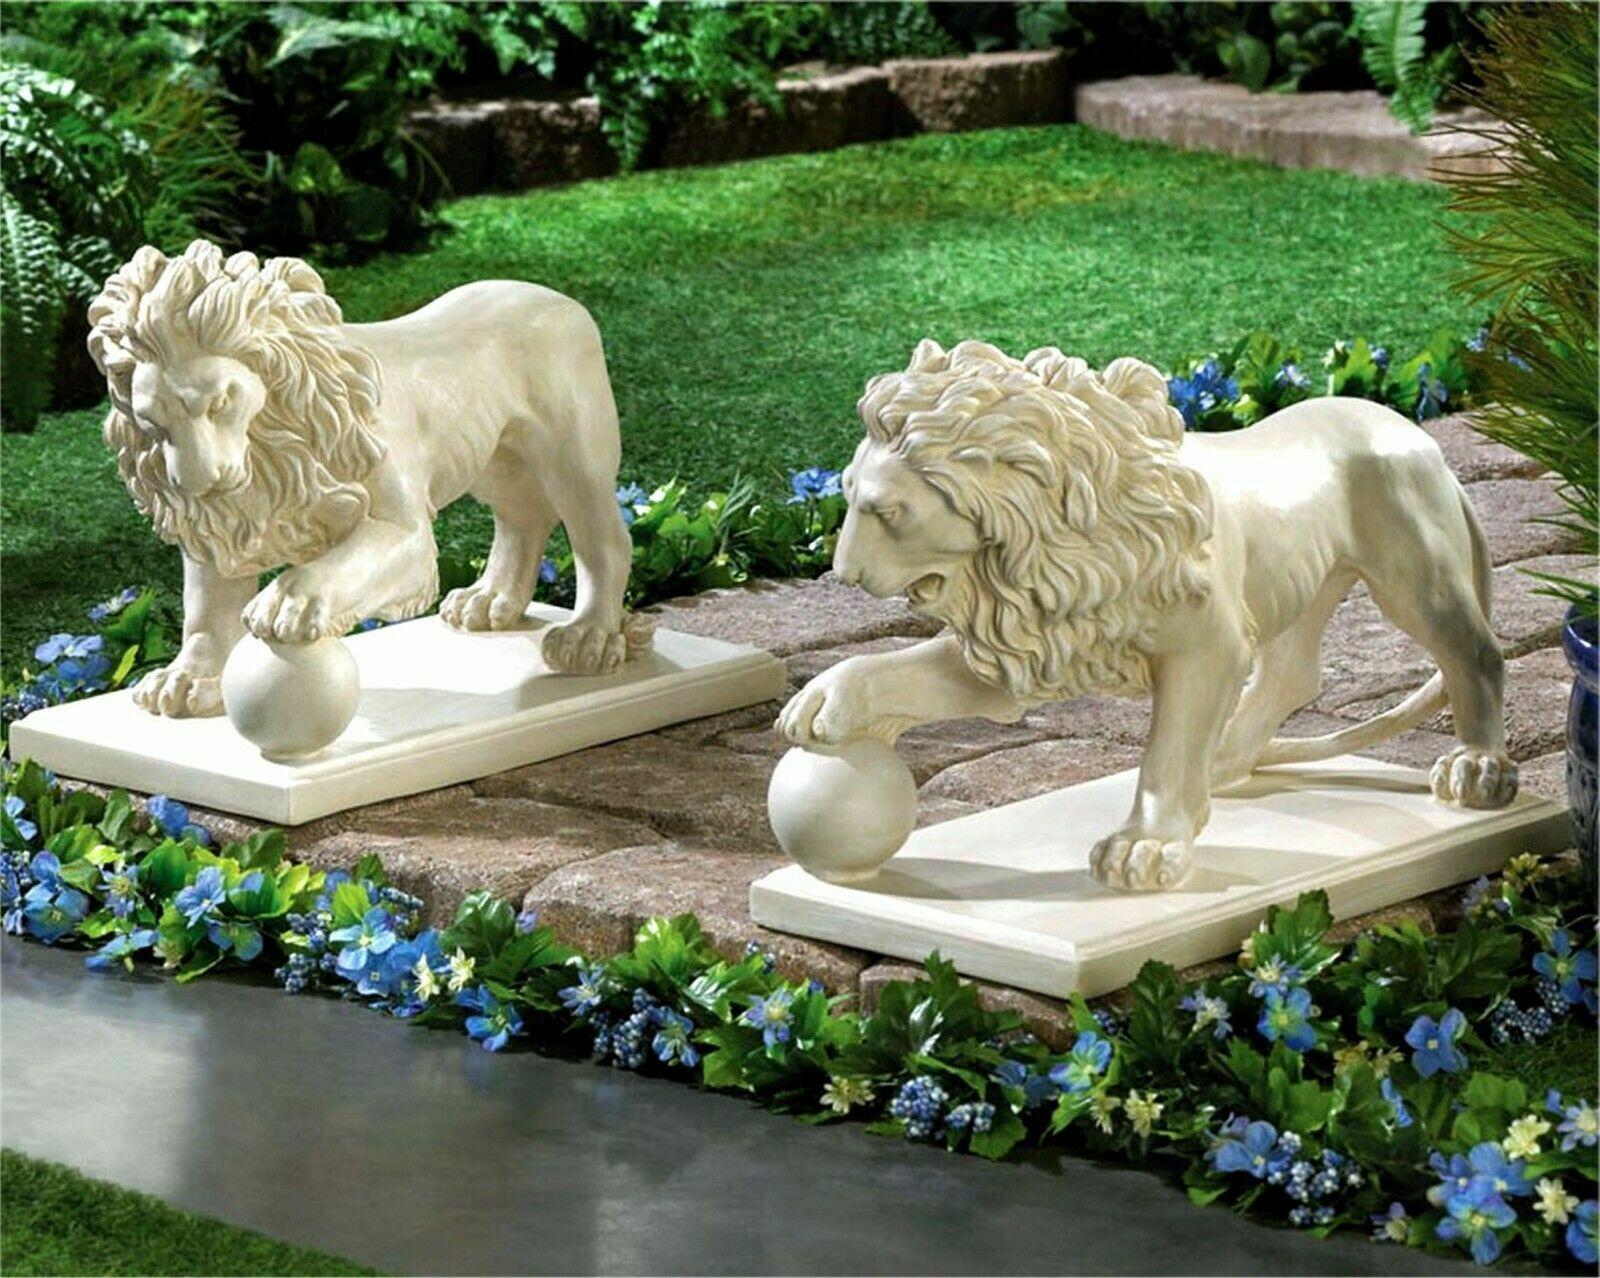 2 Piece Metal Flamingo Statue Set For Garden Sculptures And Figurines Outdoor For Sale Online Ebay